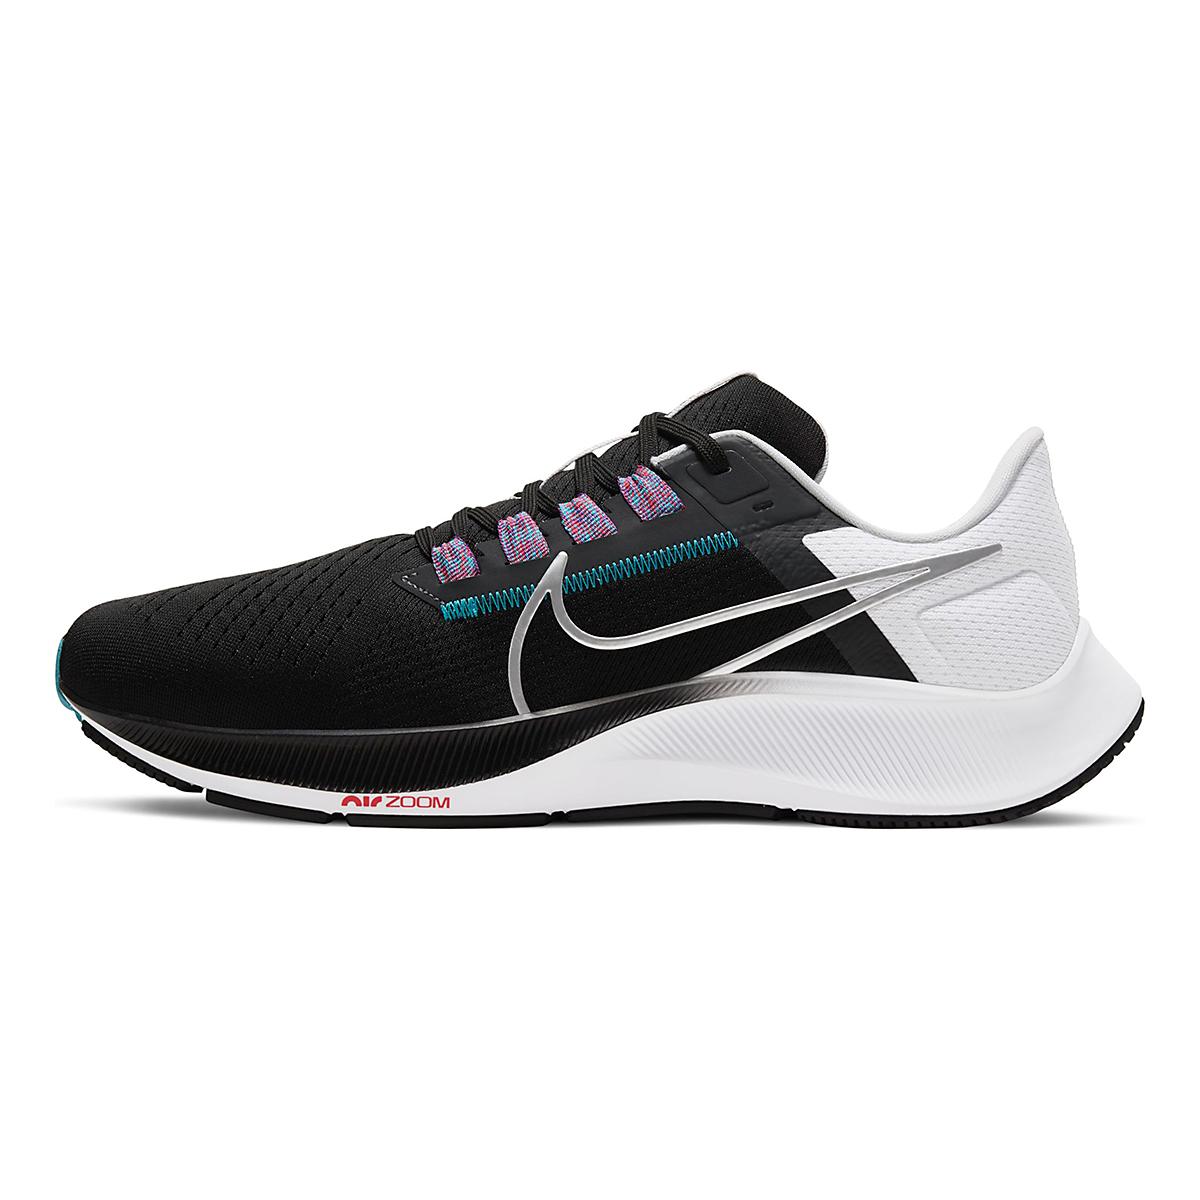 Men's Nike Air Zoom Pegasus 38 Running Shoe - Color: Black/Metallic Silver/White - Size: 6.5 - Width: Regular, Black/Metallic Silver/White, large, image 2